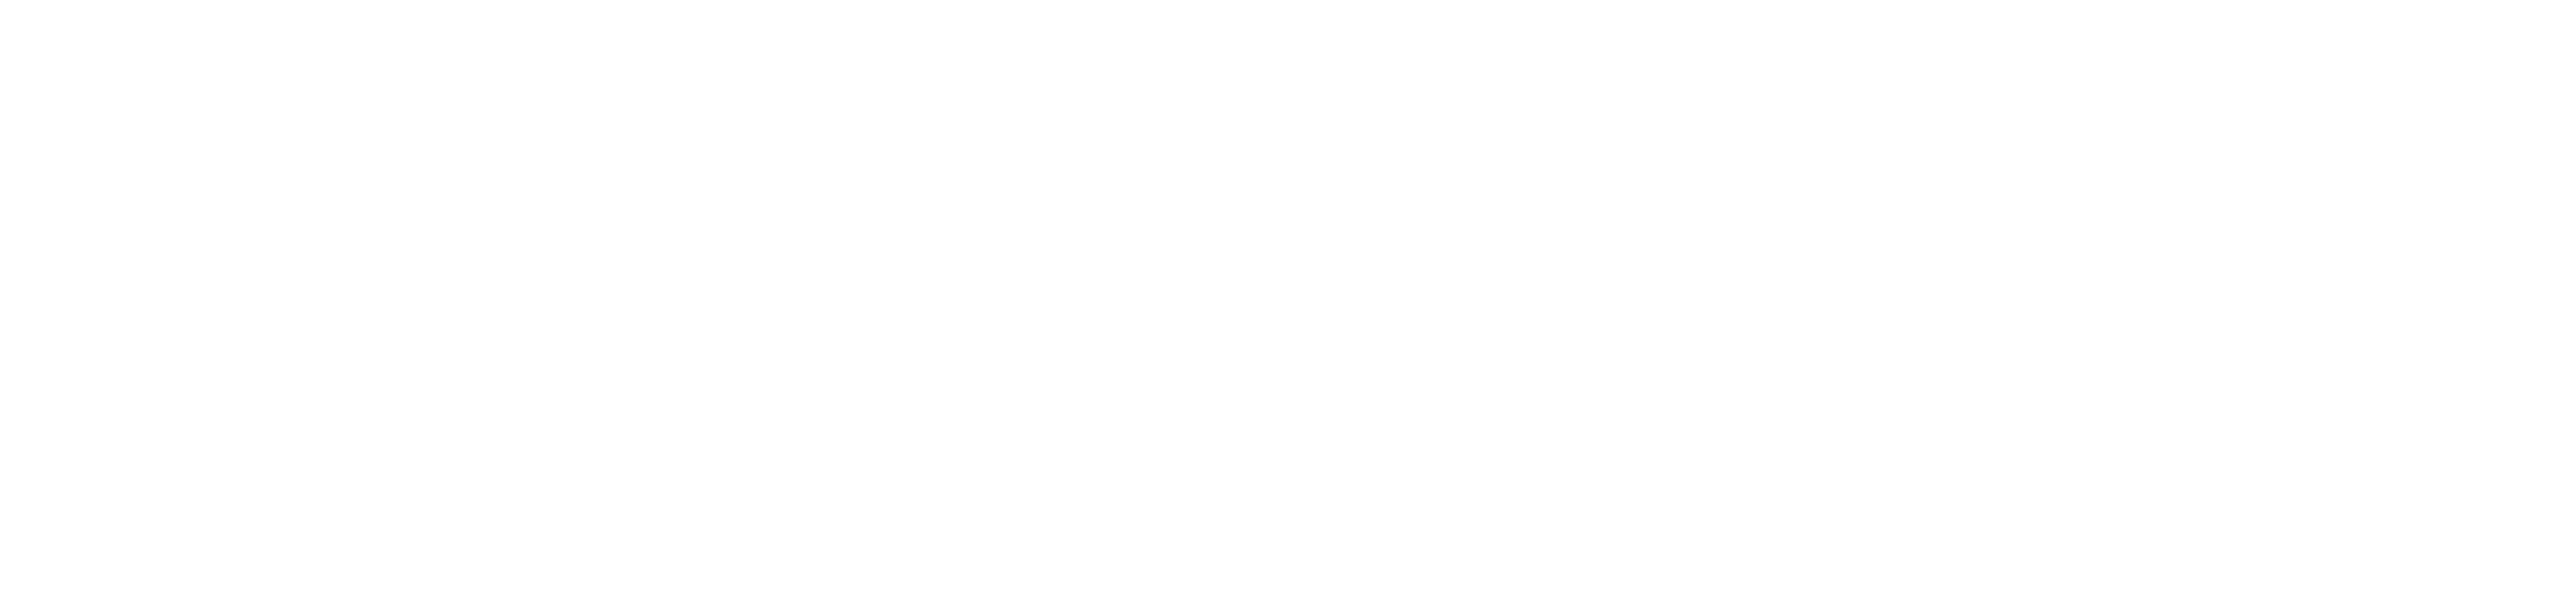 Sola logo - white